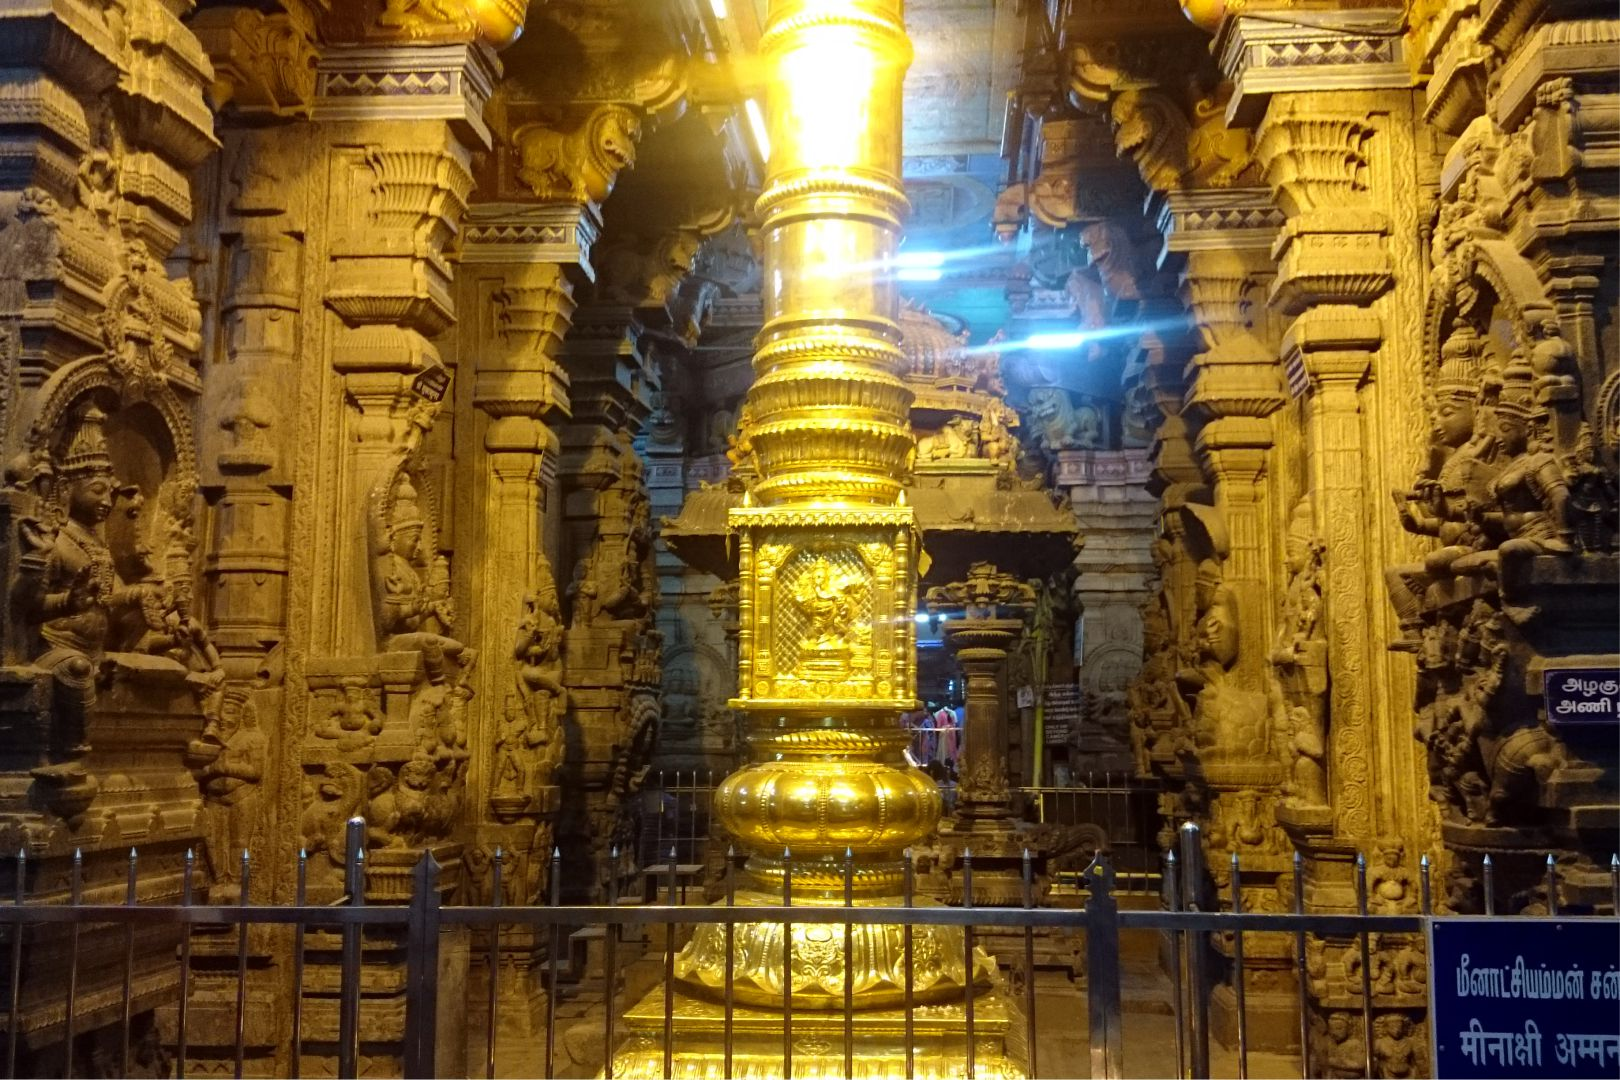 A Menaksi templomban csodák-csodájára megengedték, hogy bent is fotózzunk (de csak mobiltelefonnal). A belső oltárig azonban sajnos nem mehettünk el, mert oda csak született hinduk mehentek.